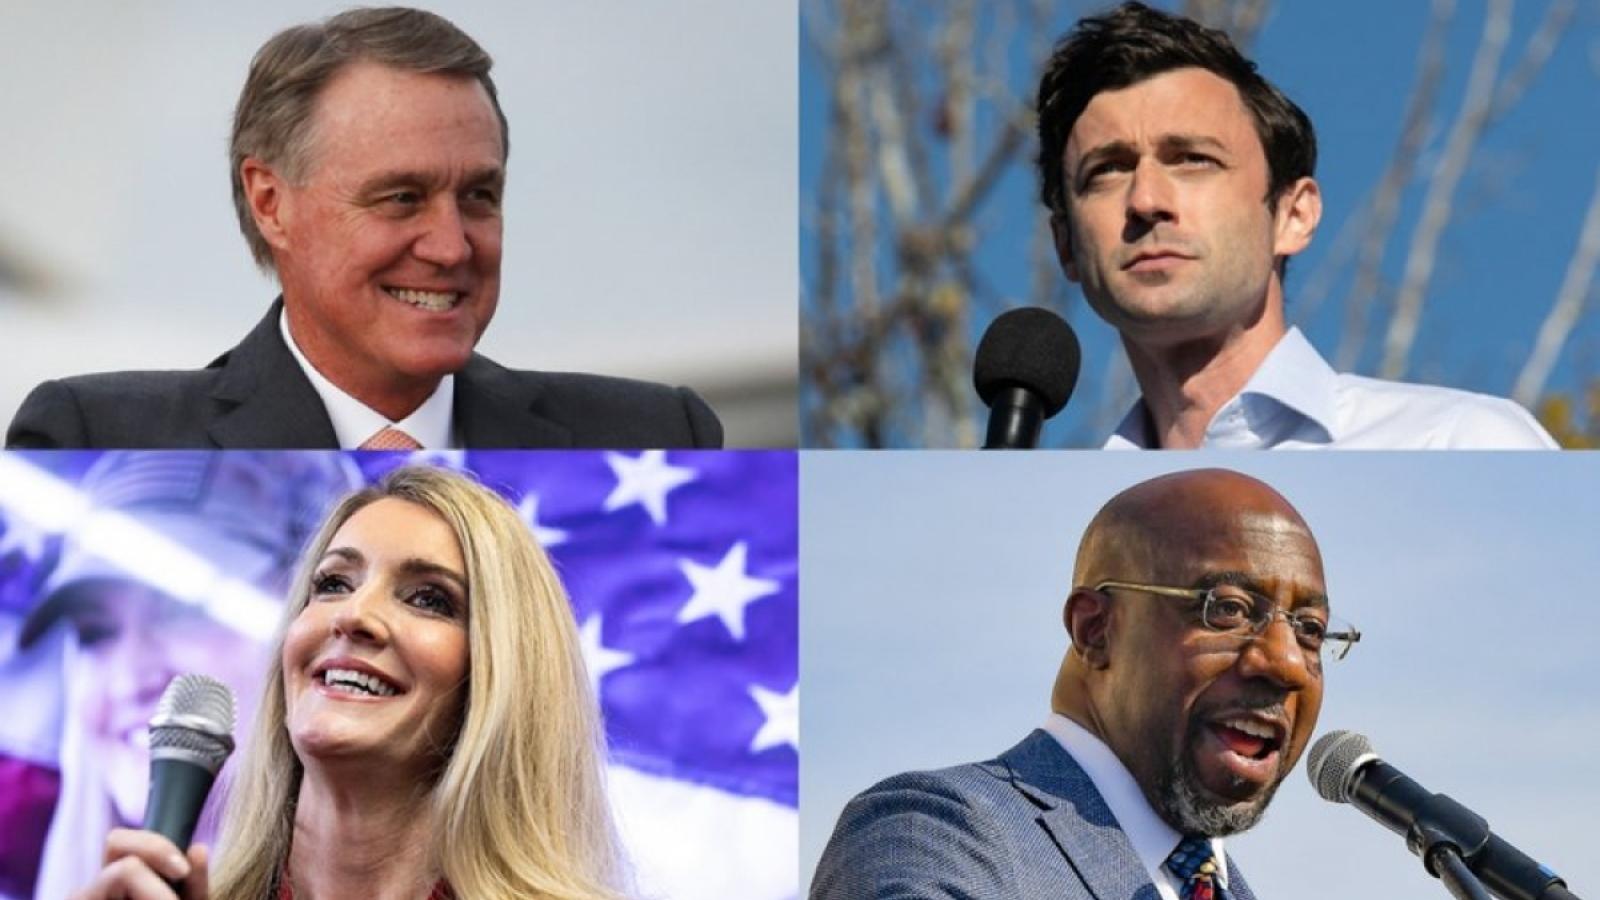 Khi nào kết quả cuộc bầu cử Thượng viện ở Georgia sẽ được công bố?